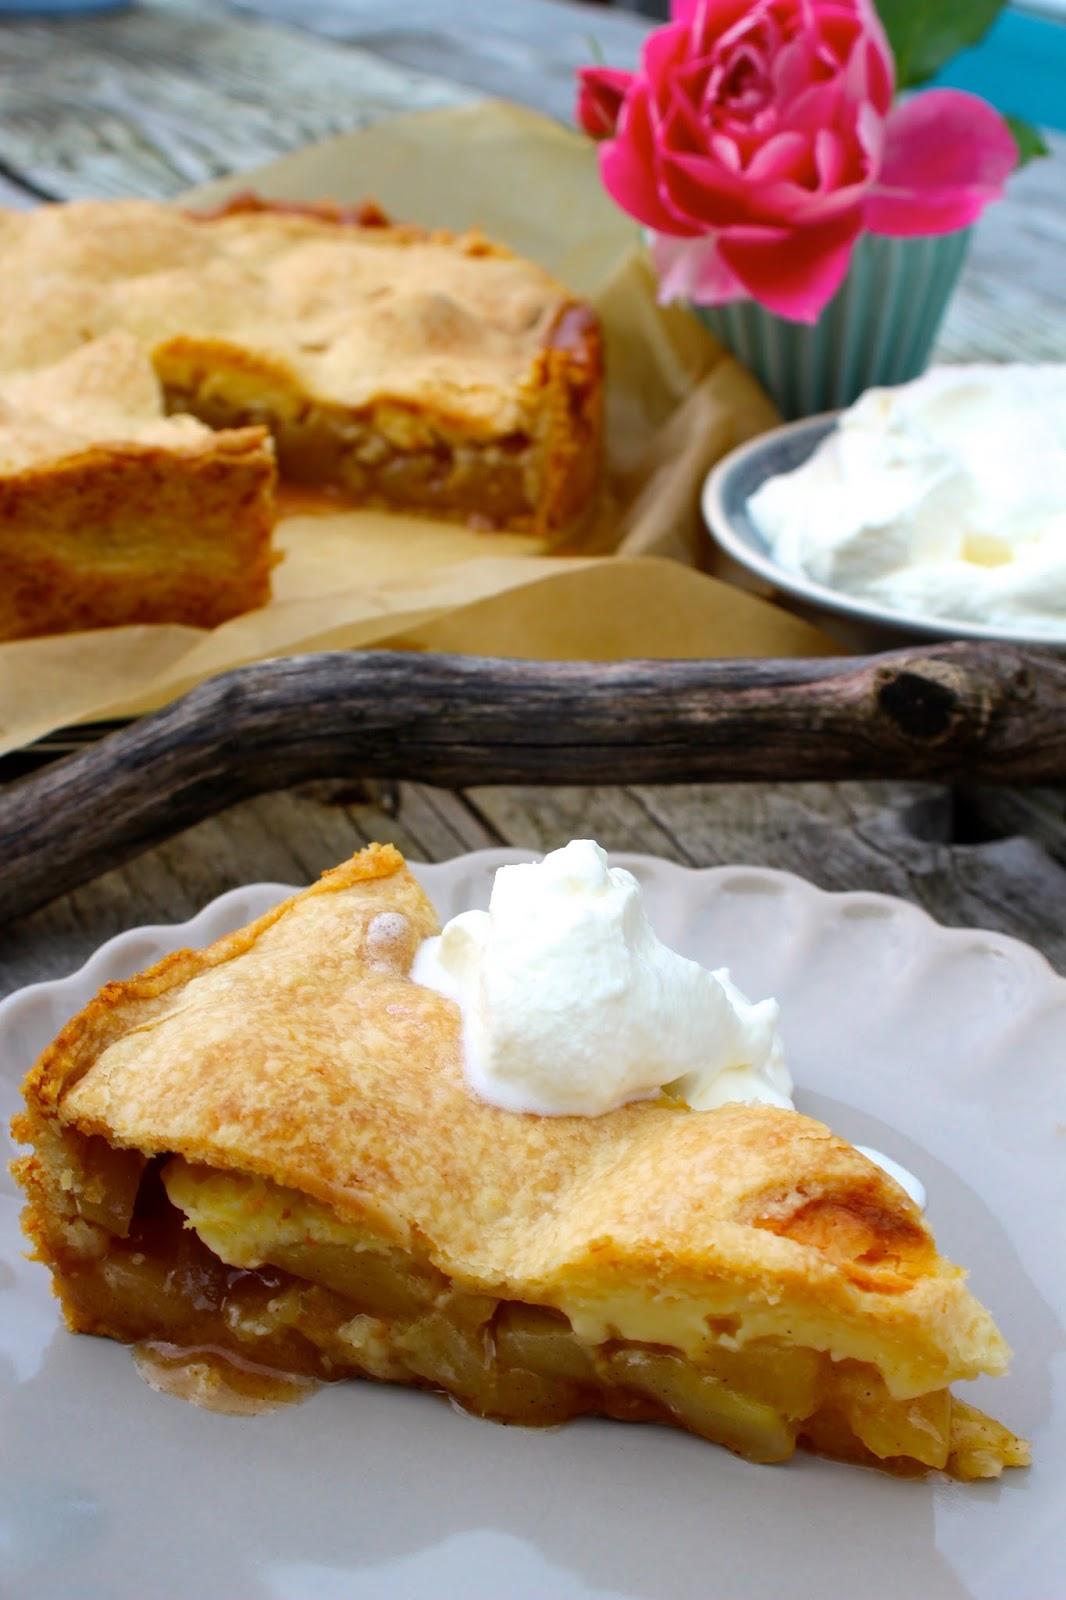 Apple-Cheesecake oder der leckerste Apfelkuchen, den ich je gebacken habe